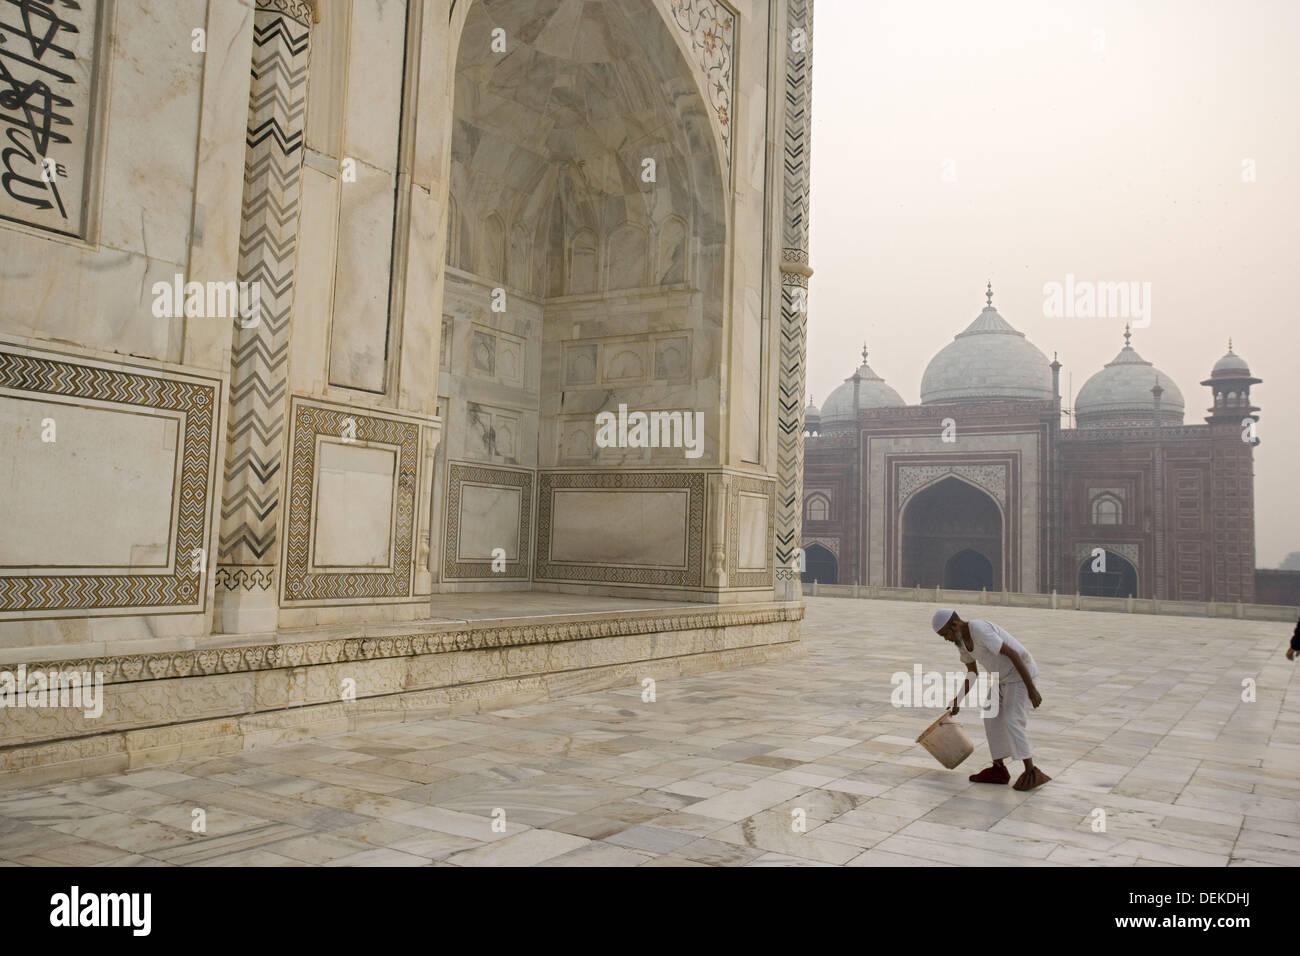 Man cleaning arownd Taj Mahal, Built by Shah Jahan in memory of Mumtaz Mahal his wife - Stock Image